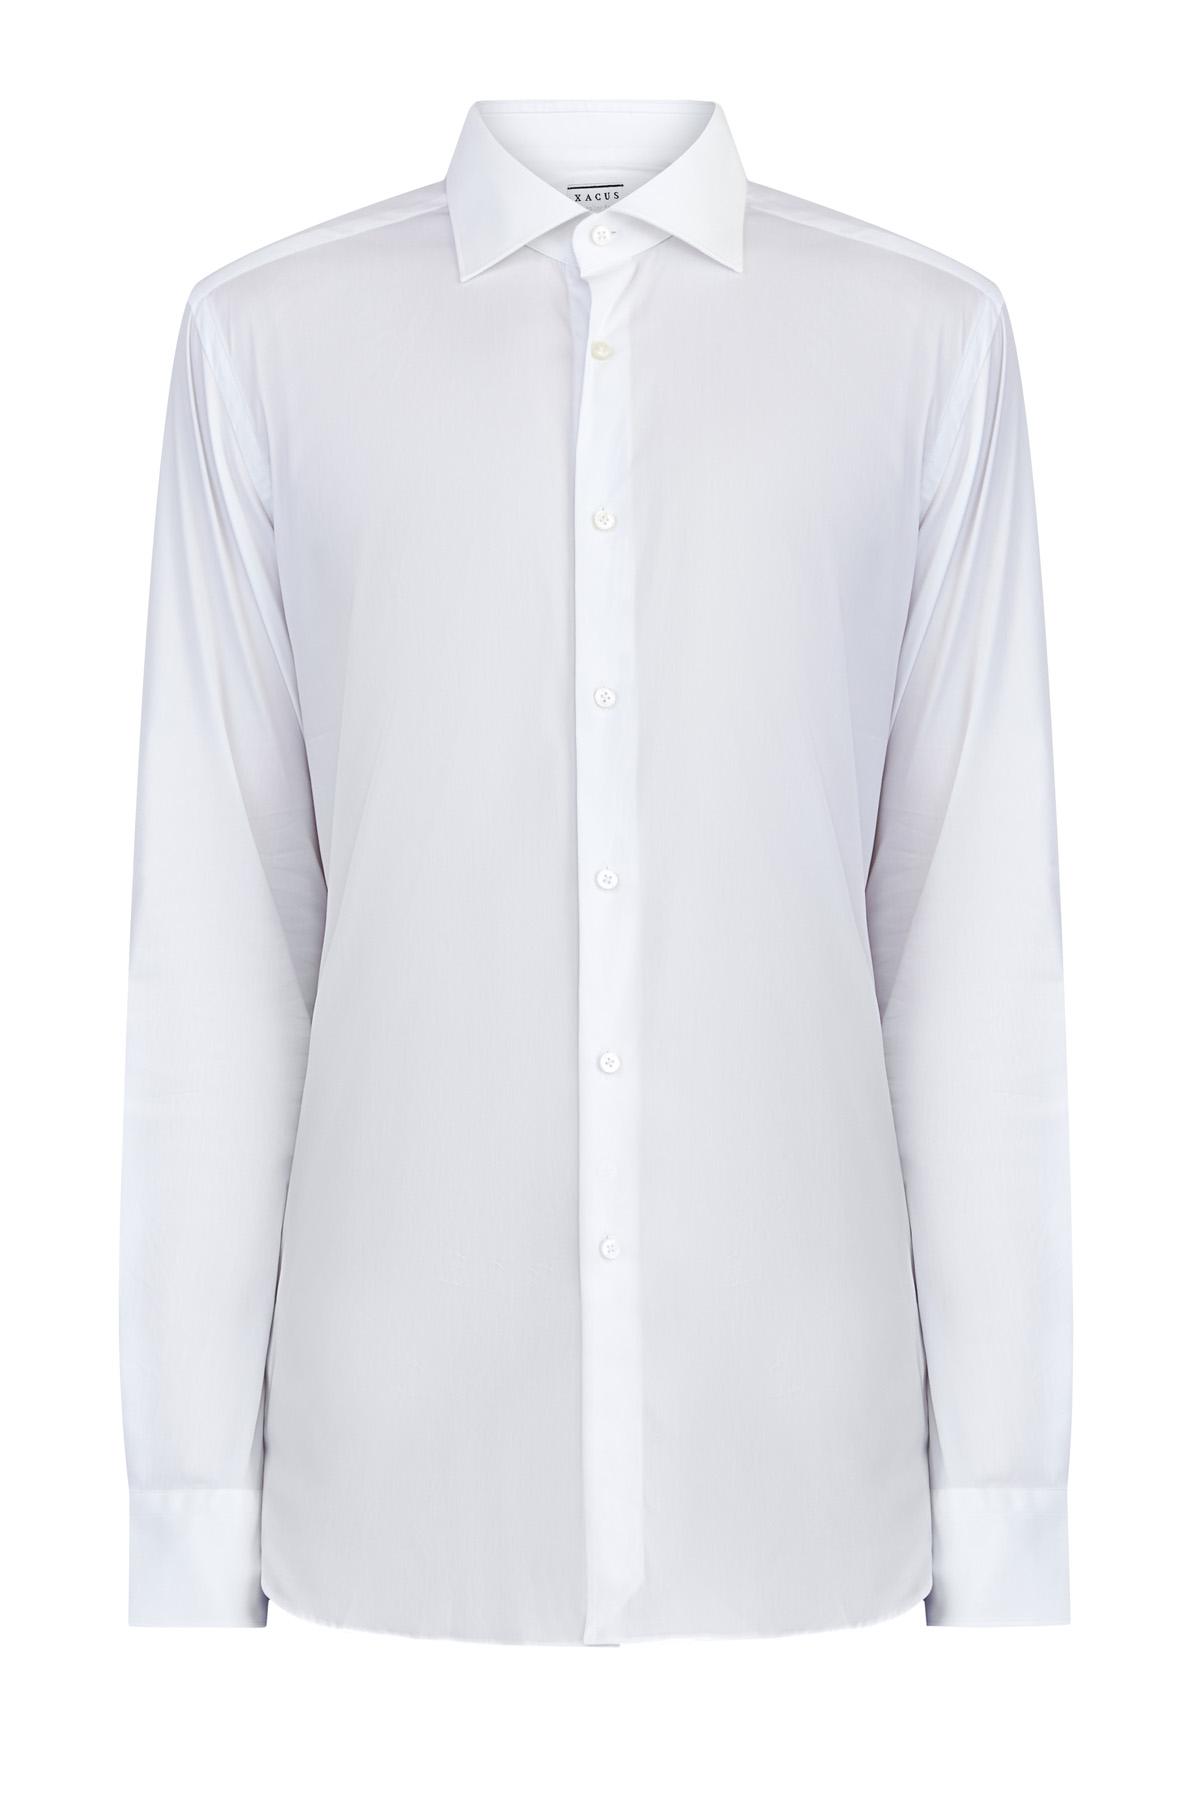 Классическая белая рубашка из поплина stretch кроя по фигуре фото